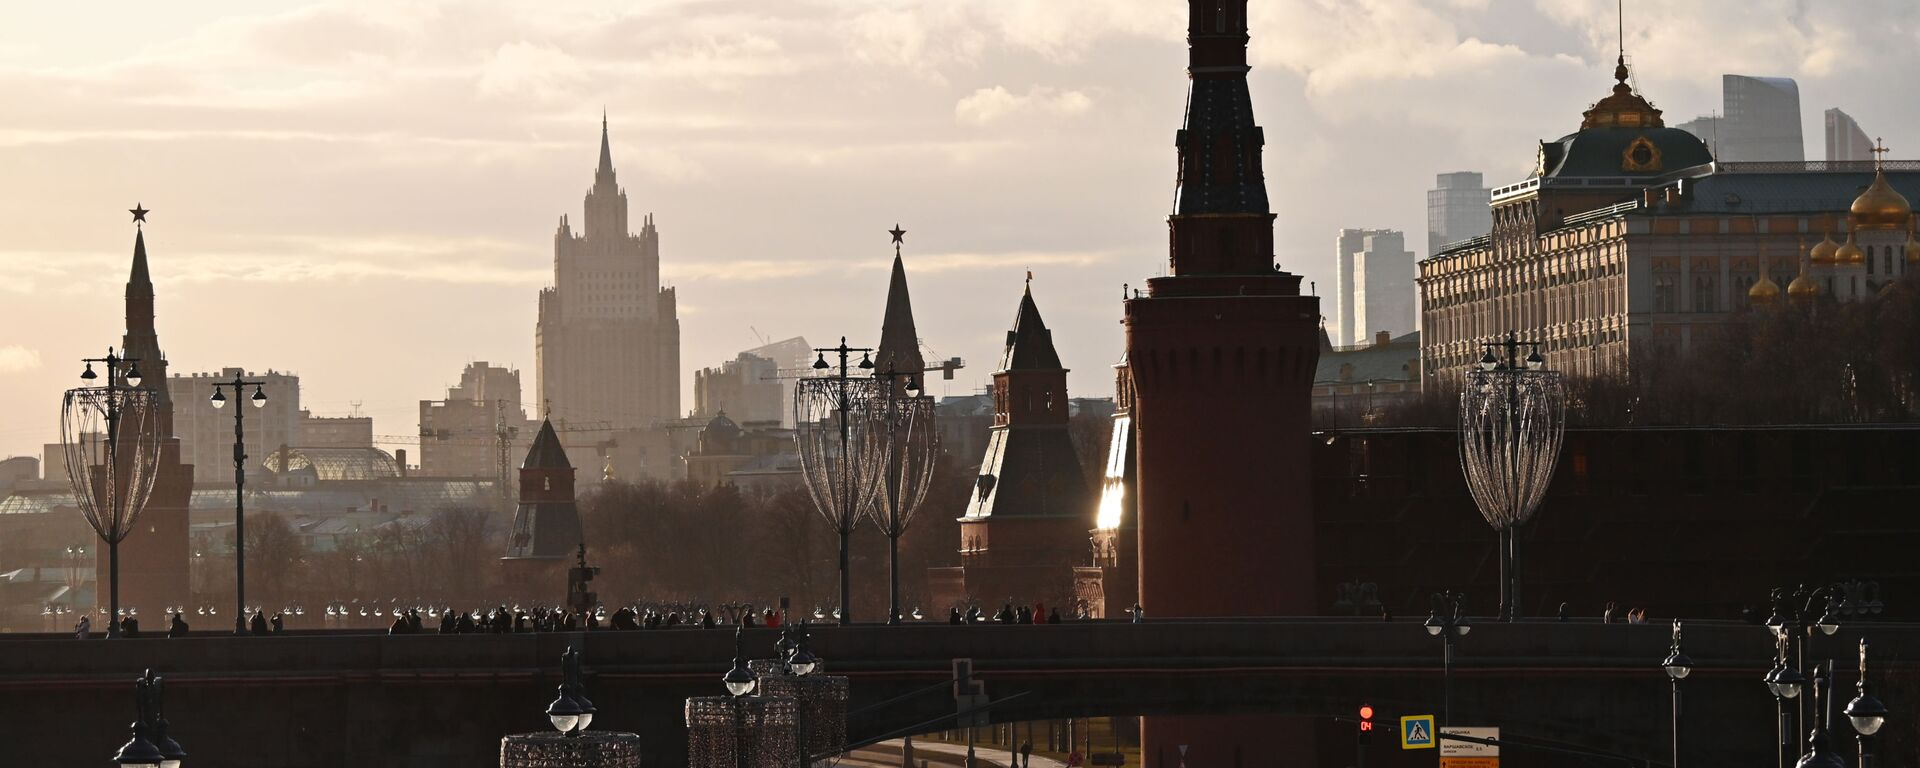 El Kremlin y el Ministerio de Exteriores de Rusia en Moscú - Sputnik Mundo, 1920, 31.05.2021